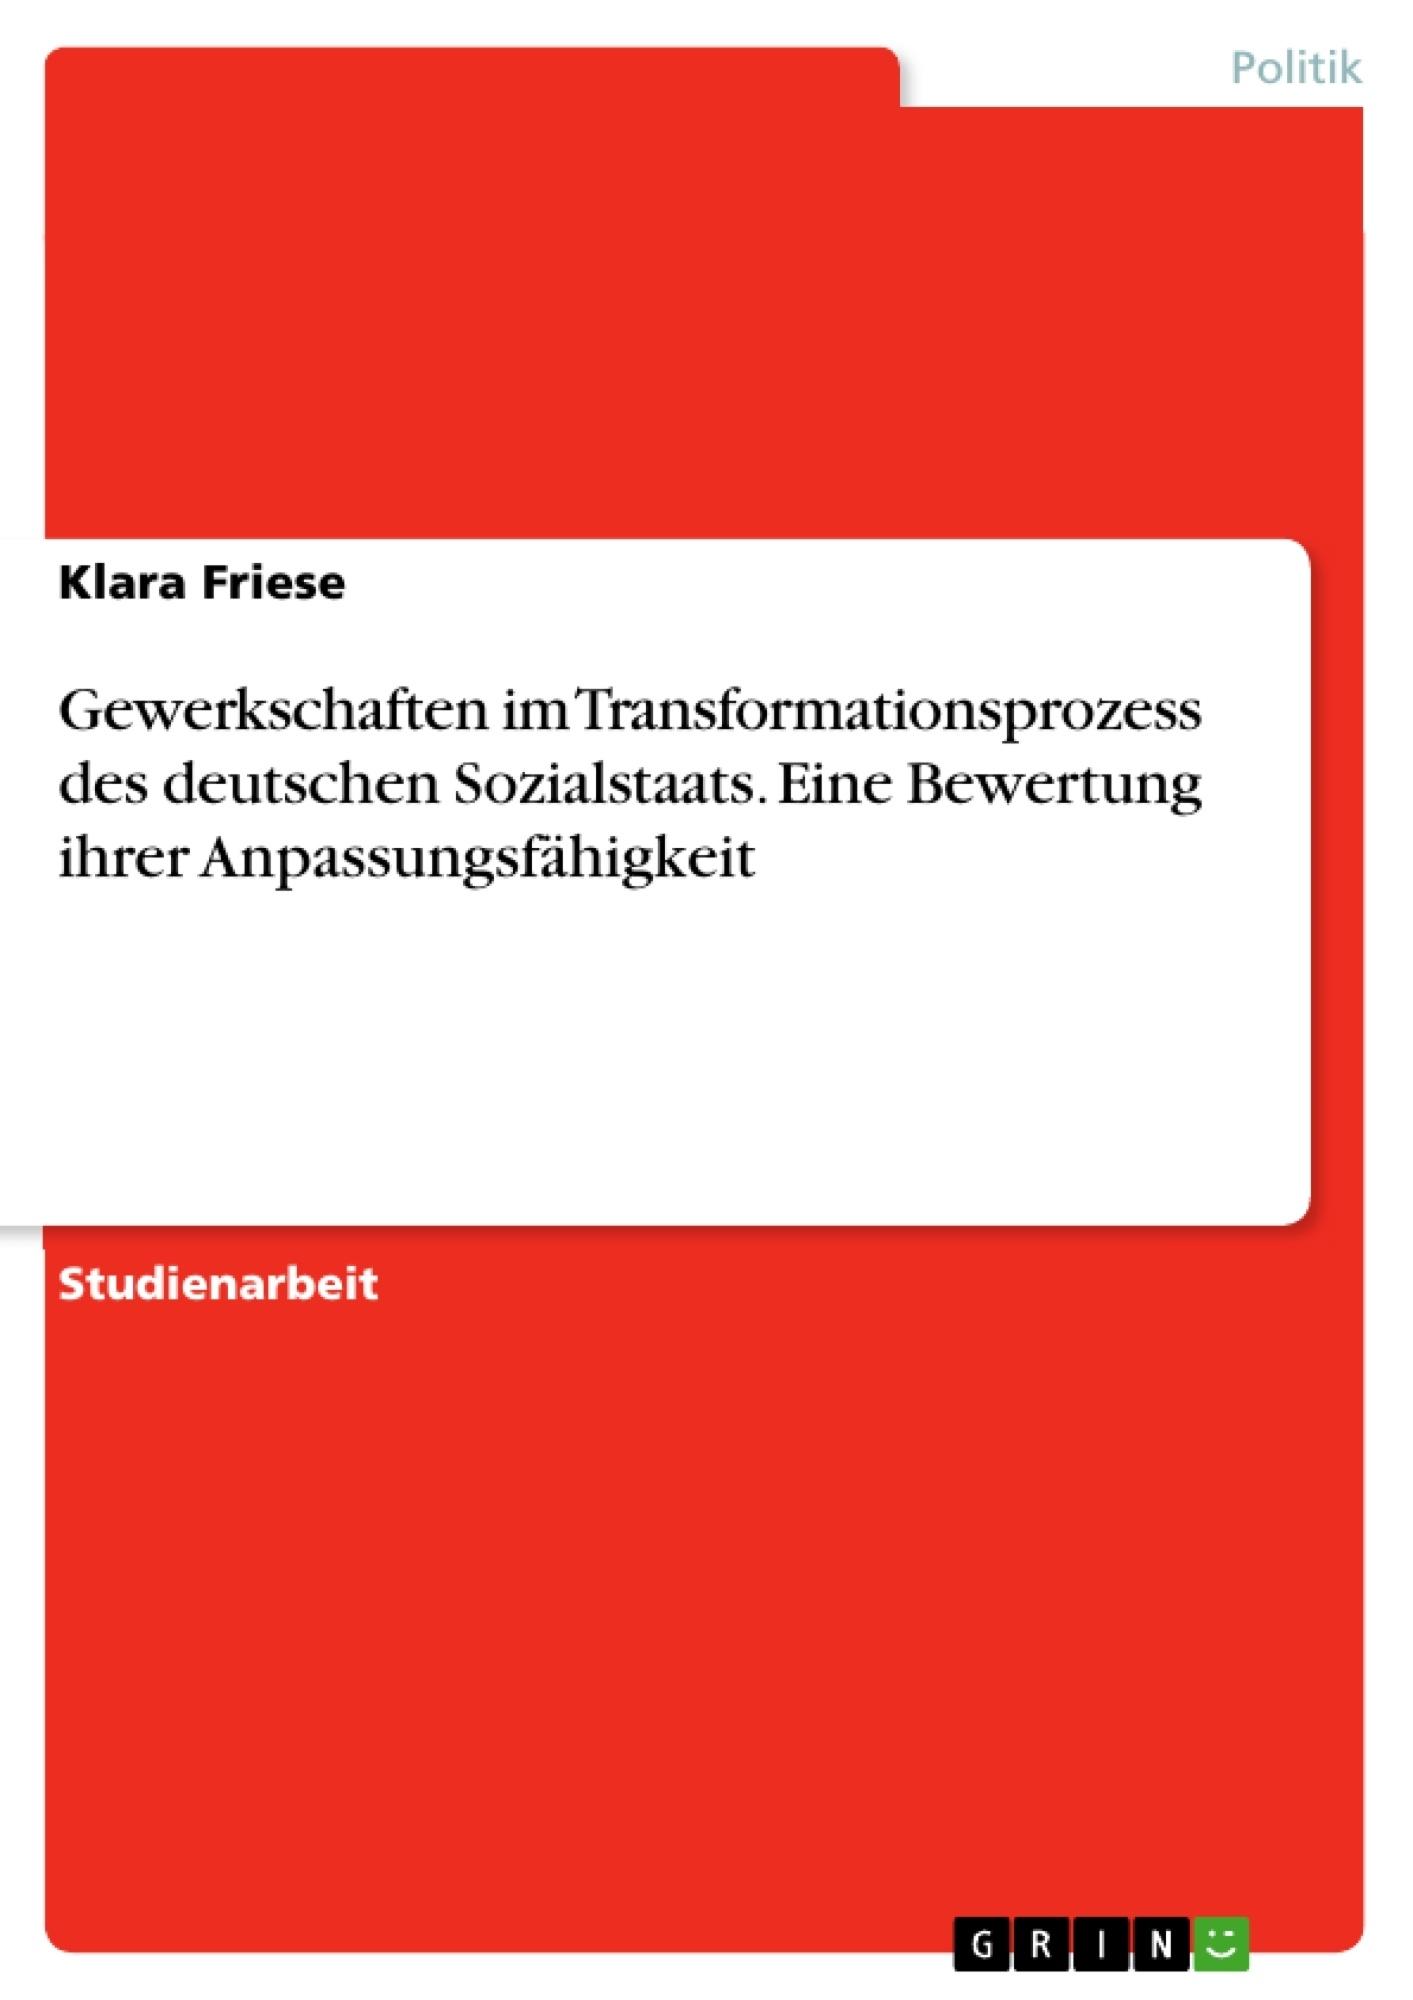 Titel: Gewerkschaften im Transformationsprozess des deutschen Sozialstaats. Eine Bewertung ihrer Anpassungsfähigkeit